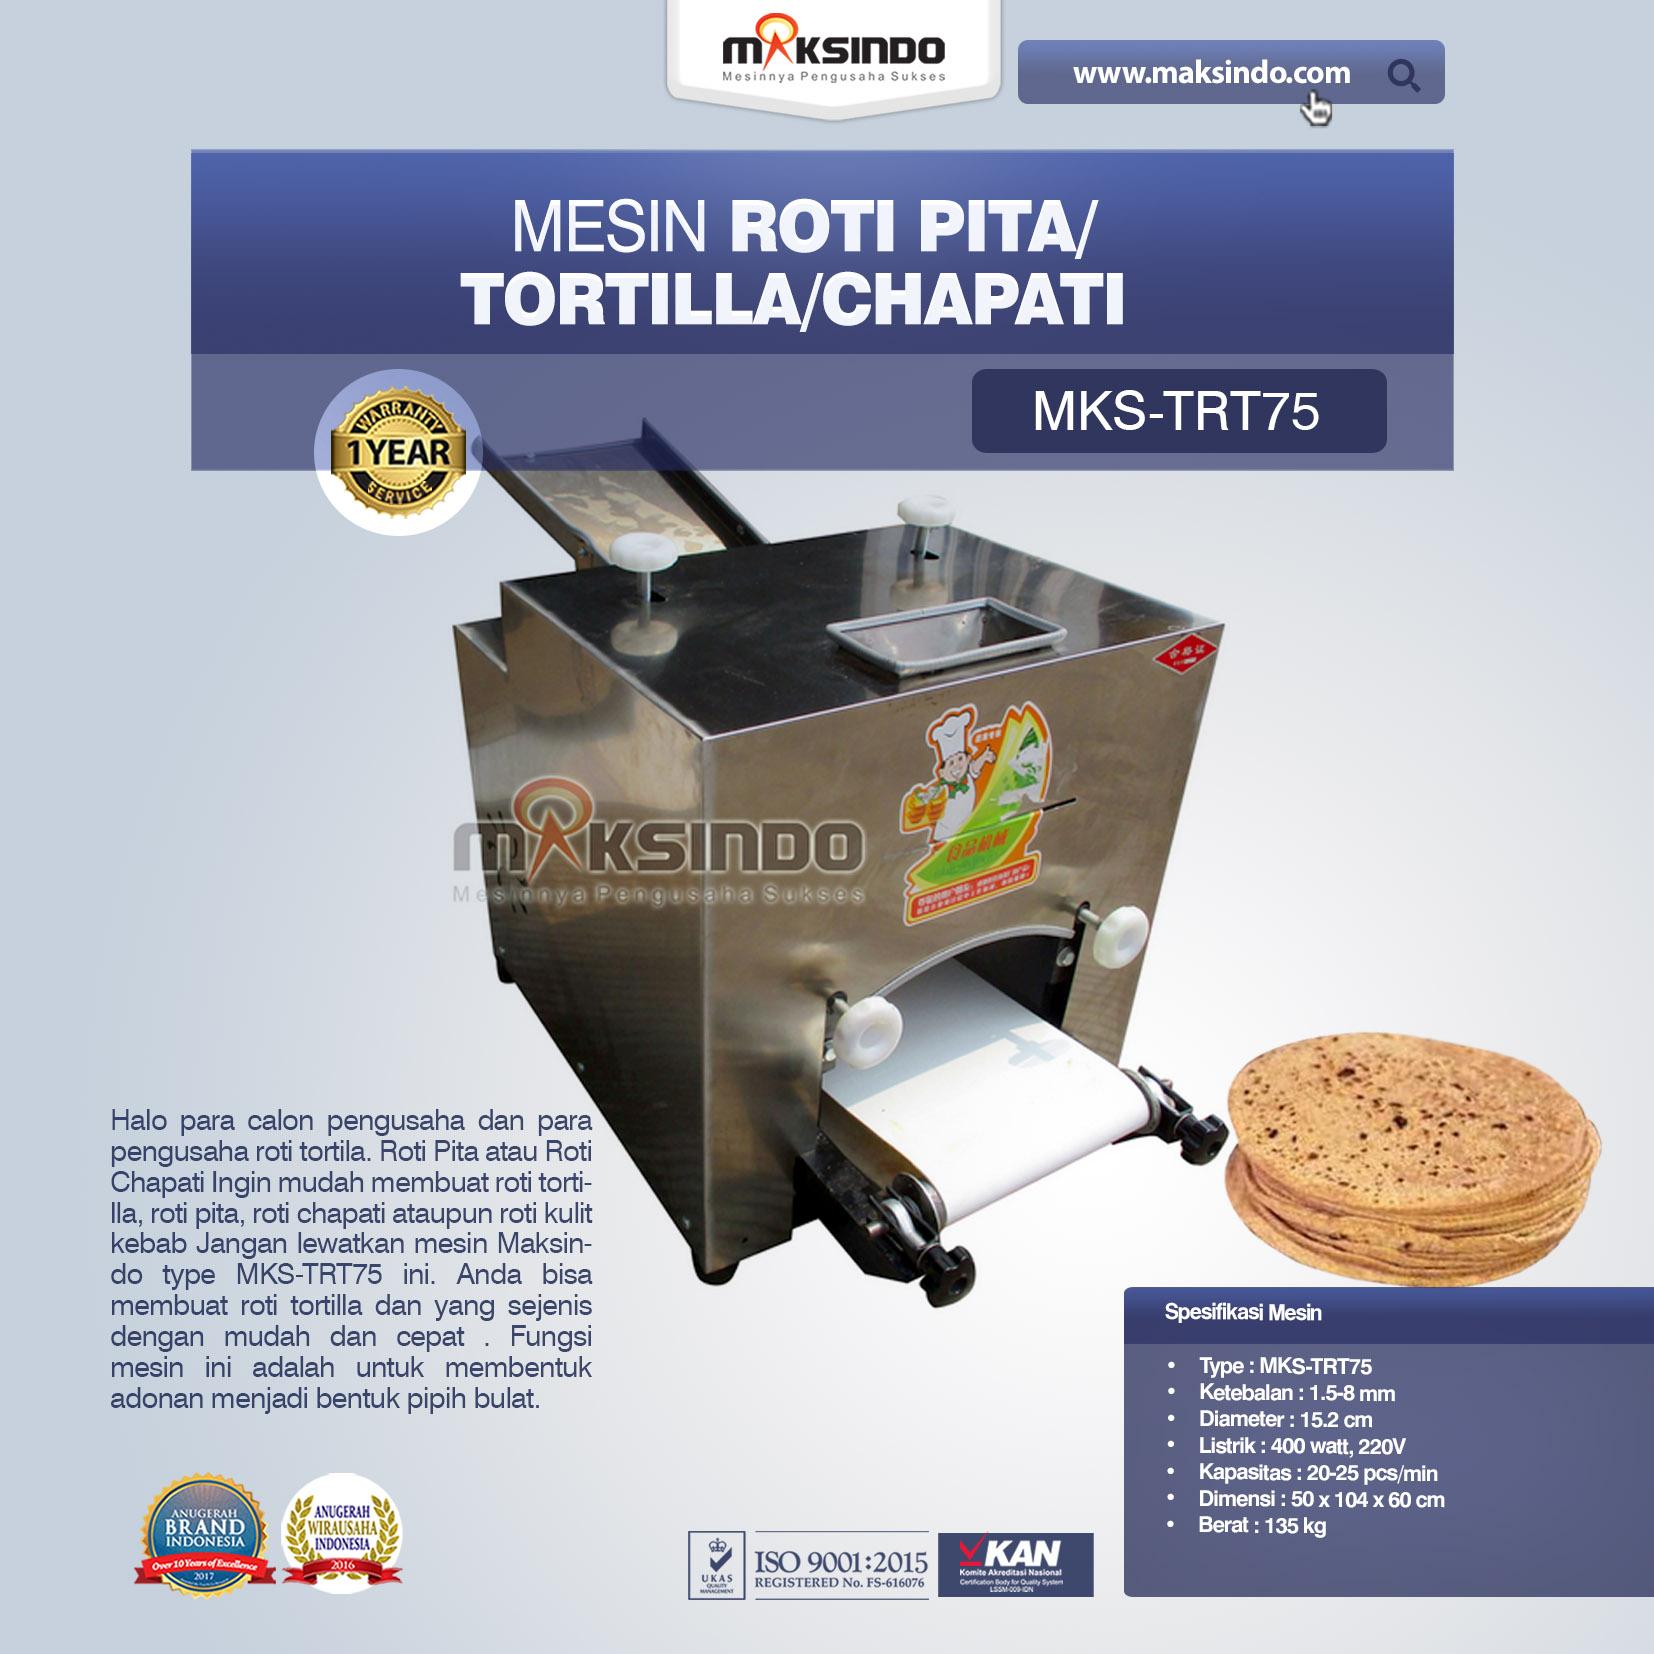 Jual Mesin Roti Pita/Tortilla/Chapati MKS-TRT75 di Jakarta